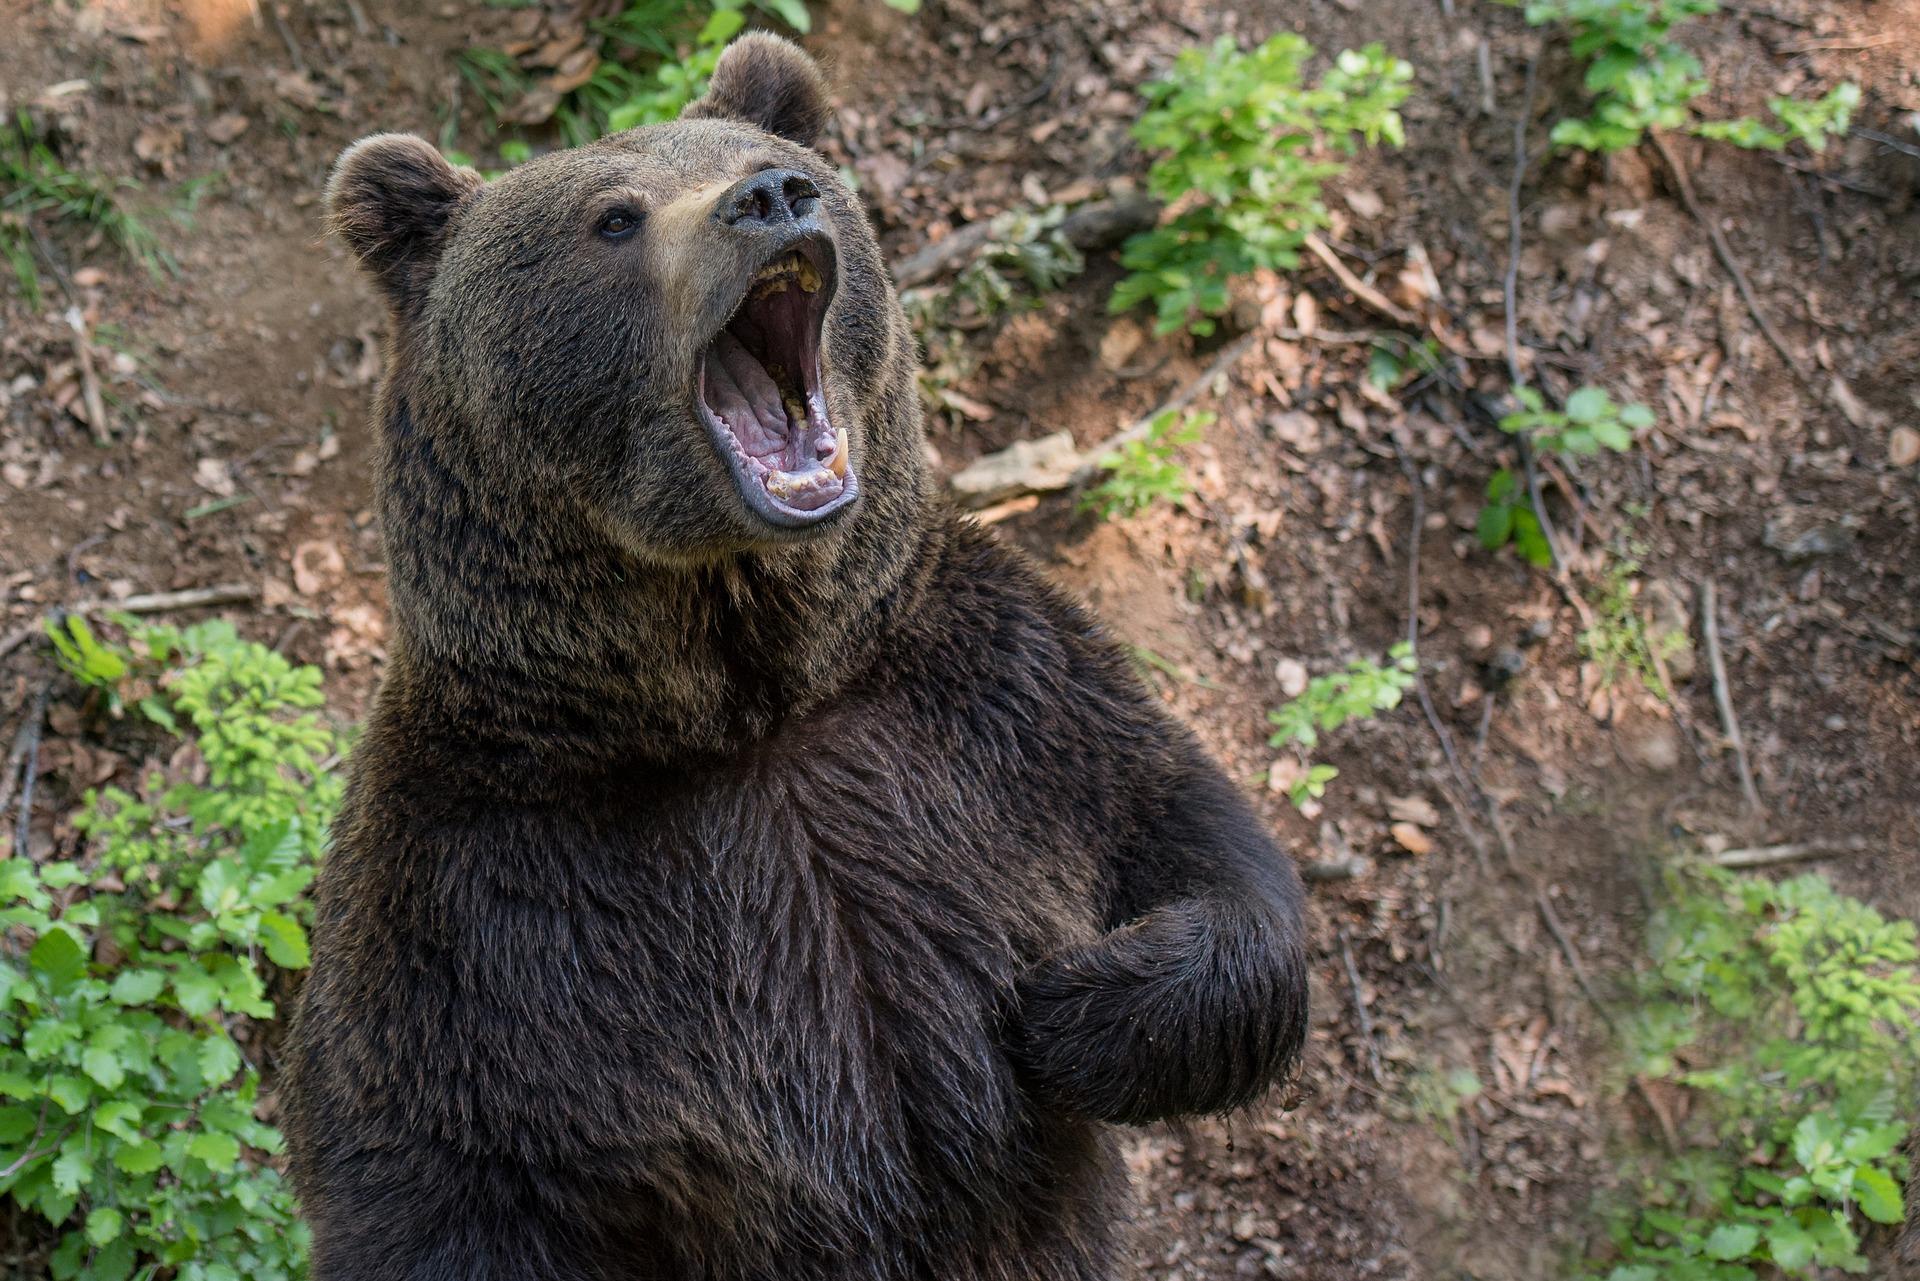 Újabb medvetámadás: 15 éves fiú az áldozat